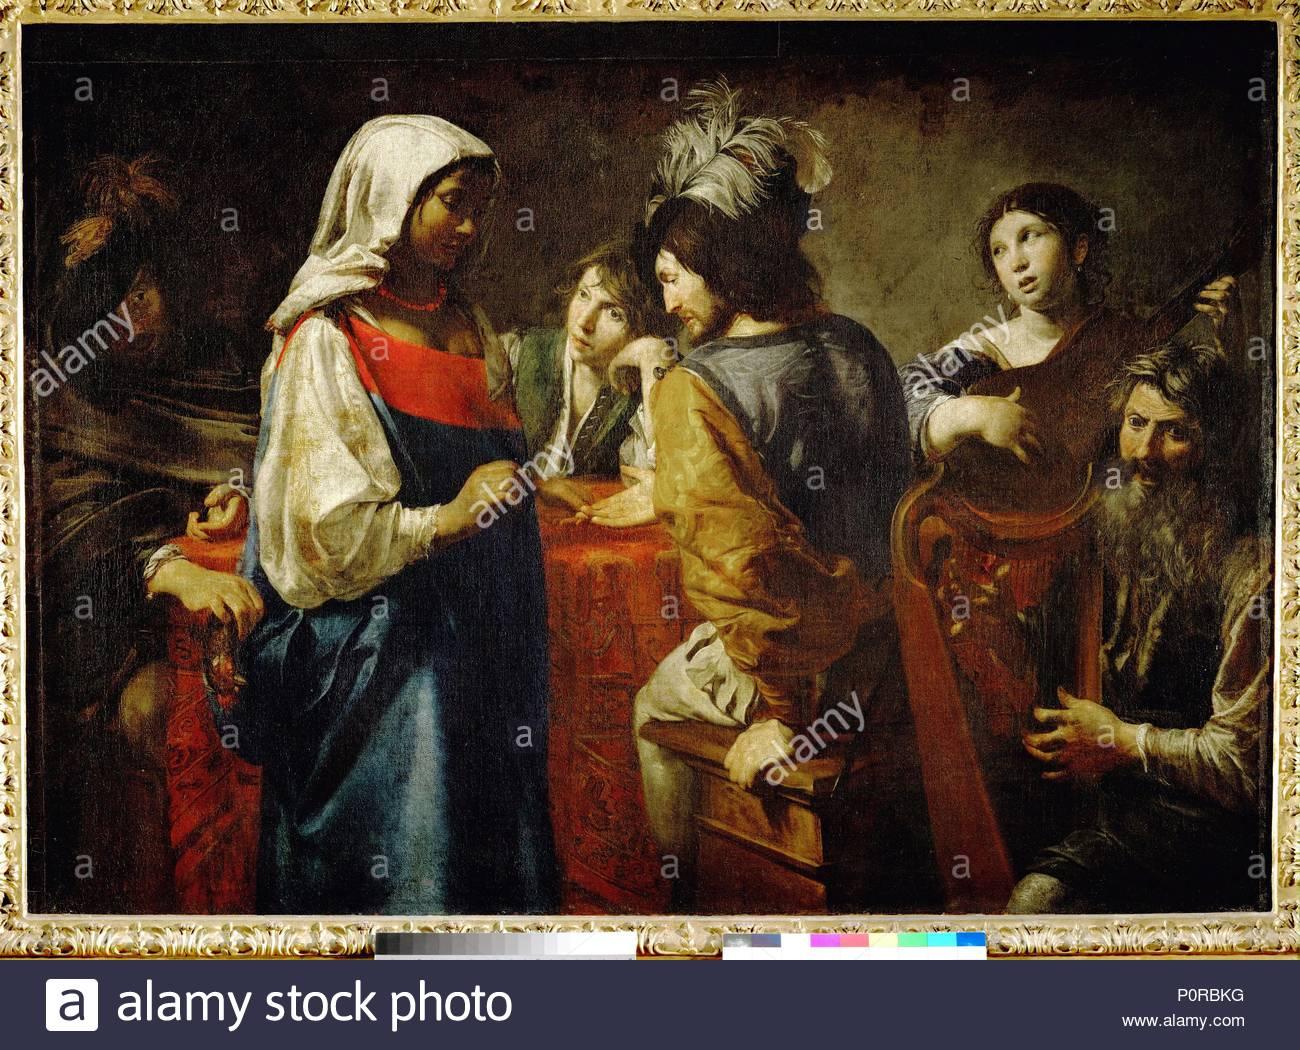 La diseuse de bonne aventure-The fortuneteller. Canvas, 125 x 175 cm INV. 8254. Author: Valentin de Boulogne (1591-1632). Location: Louvre, Dpt. des Peintures, Paris, France. - Stock Image